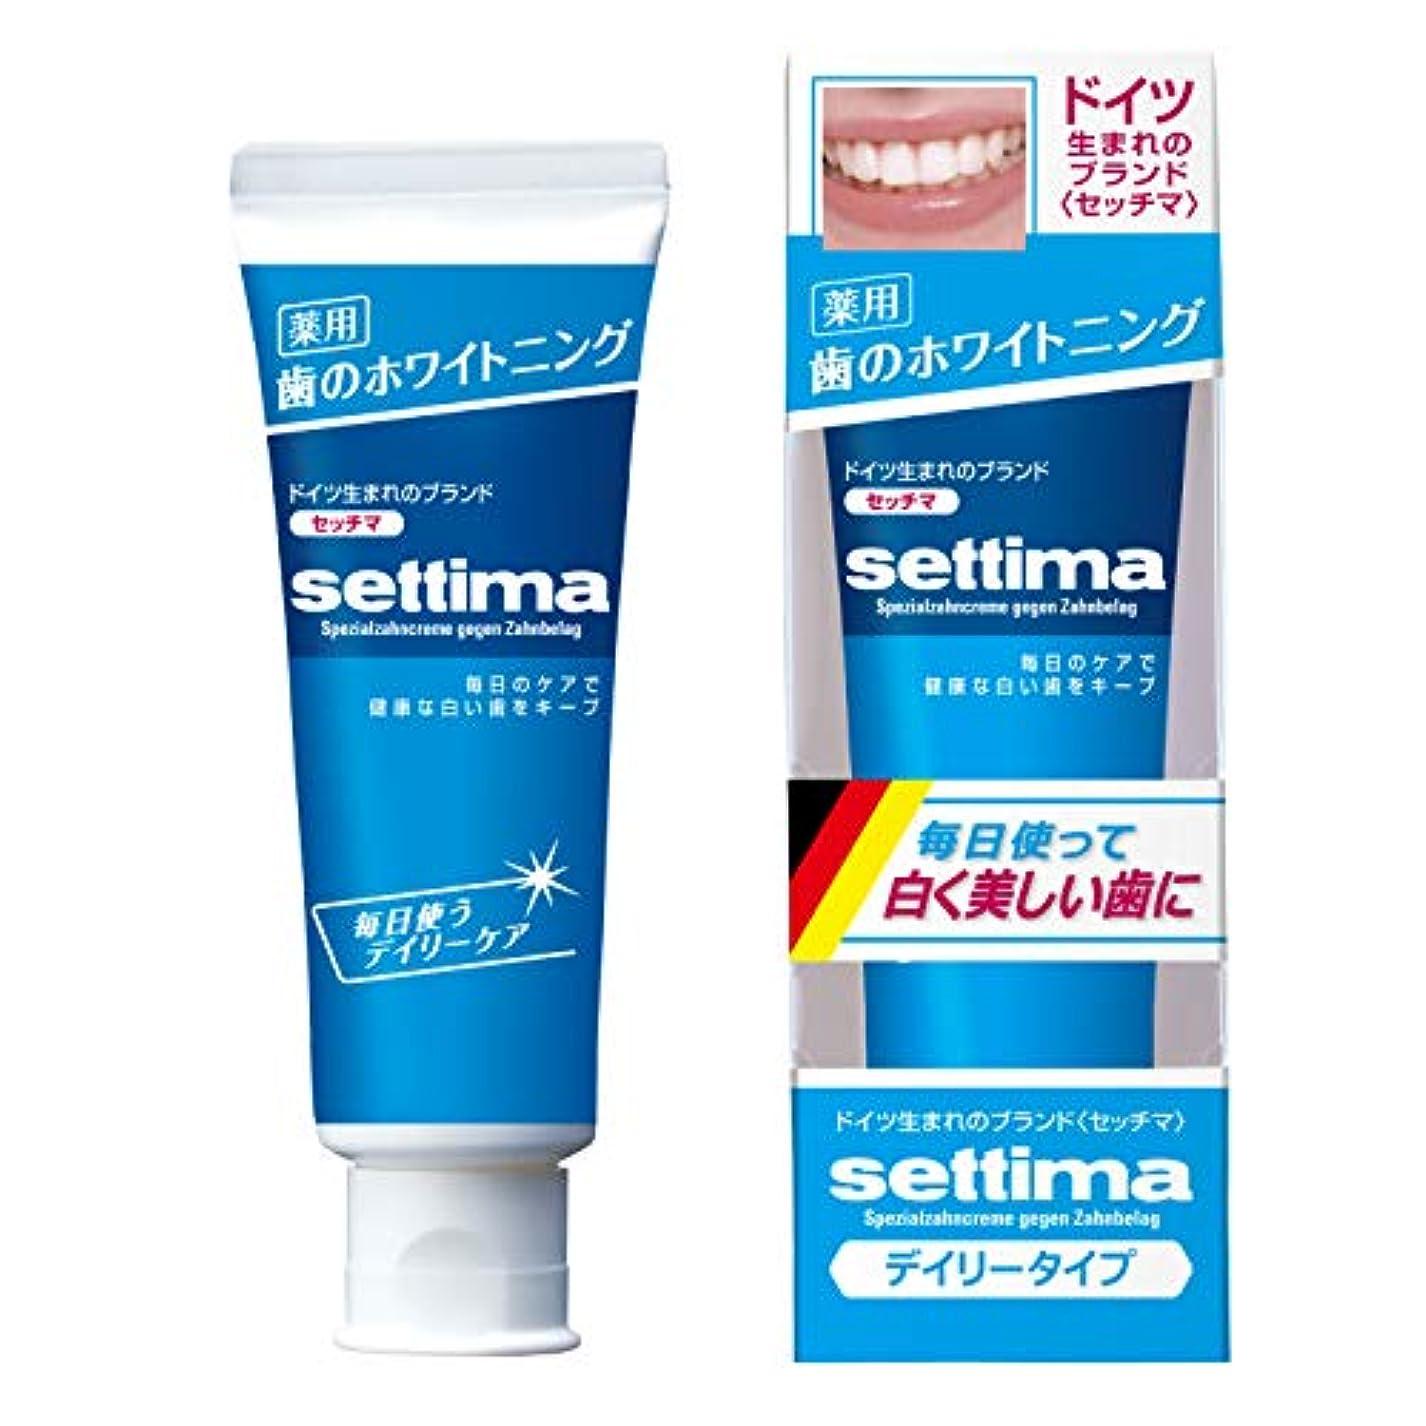 簿記係整然としたに[医薬部外品] settima(セッチマ) ホワイトニング 歯みがき デイリーケア [ファインミントタイプ] <ステインケア タバコのヤニ取り フッ素配合 虫歯予防> 80g